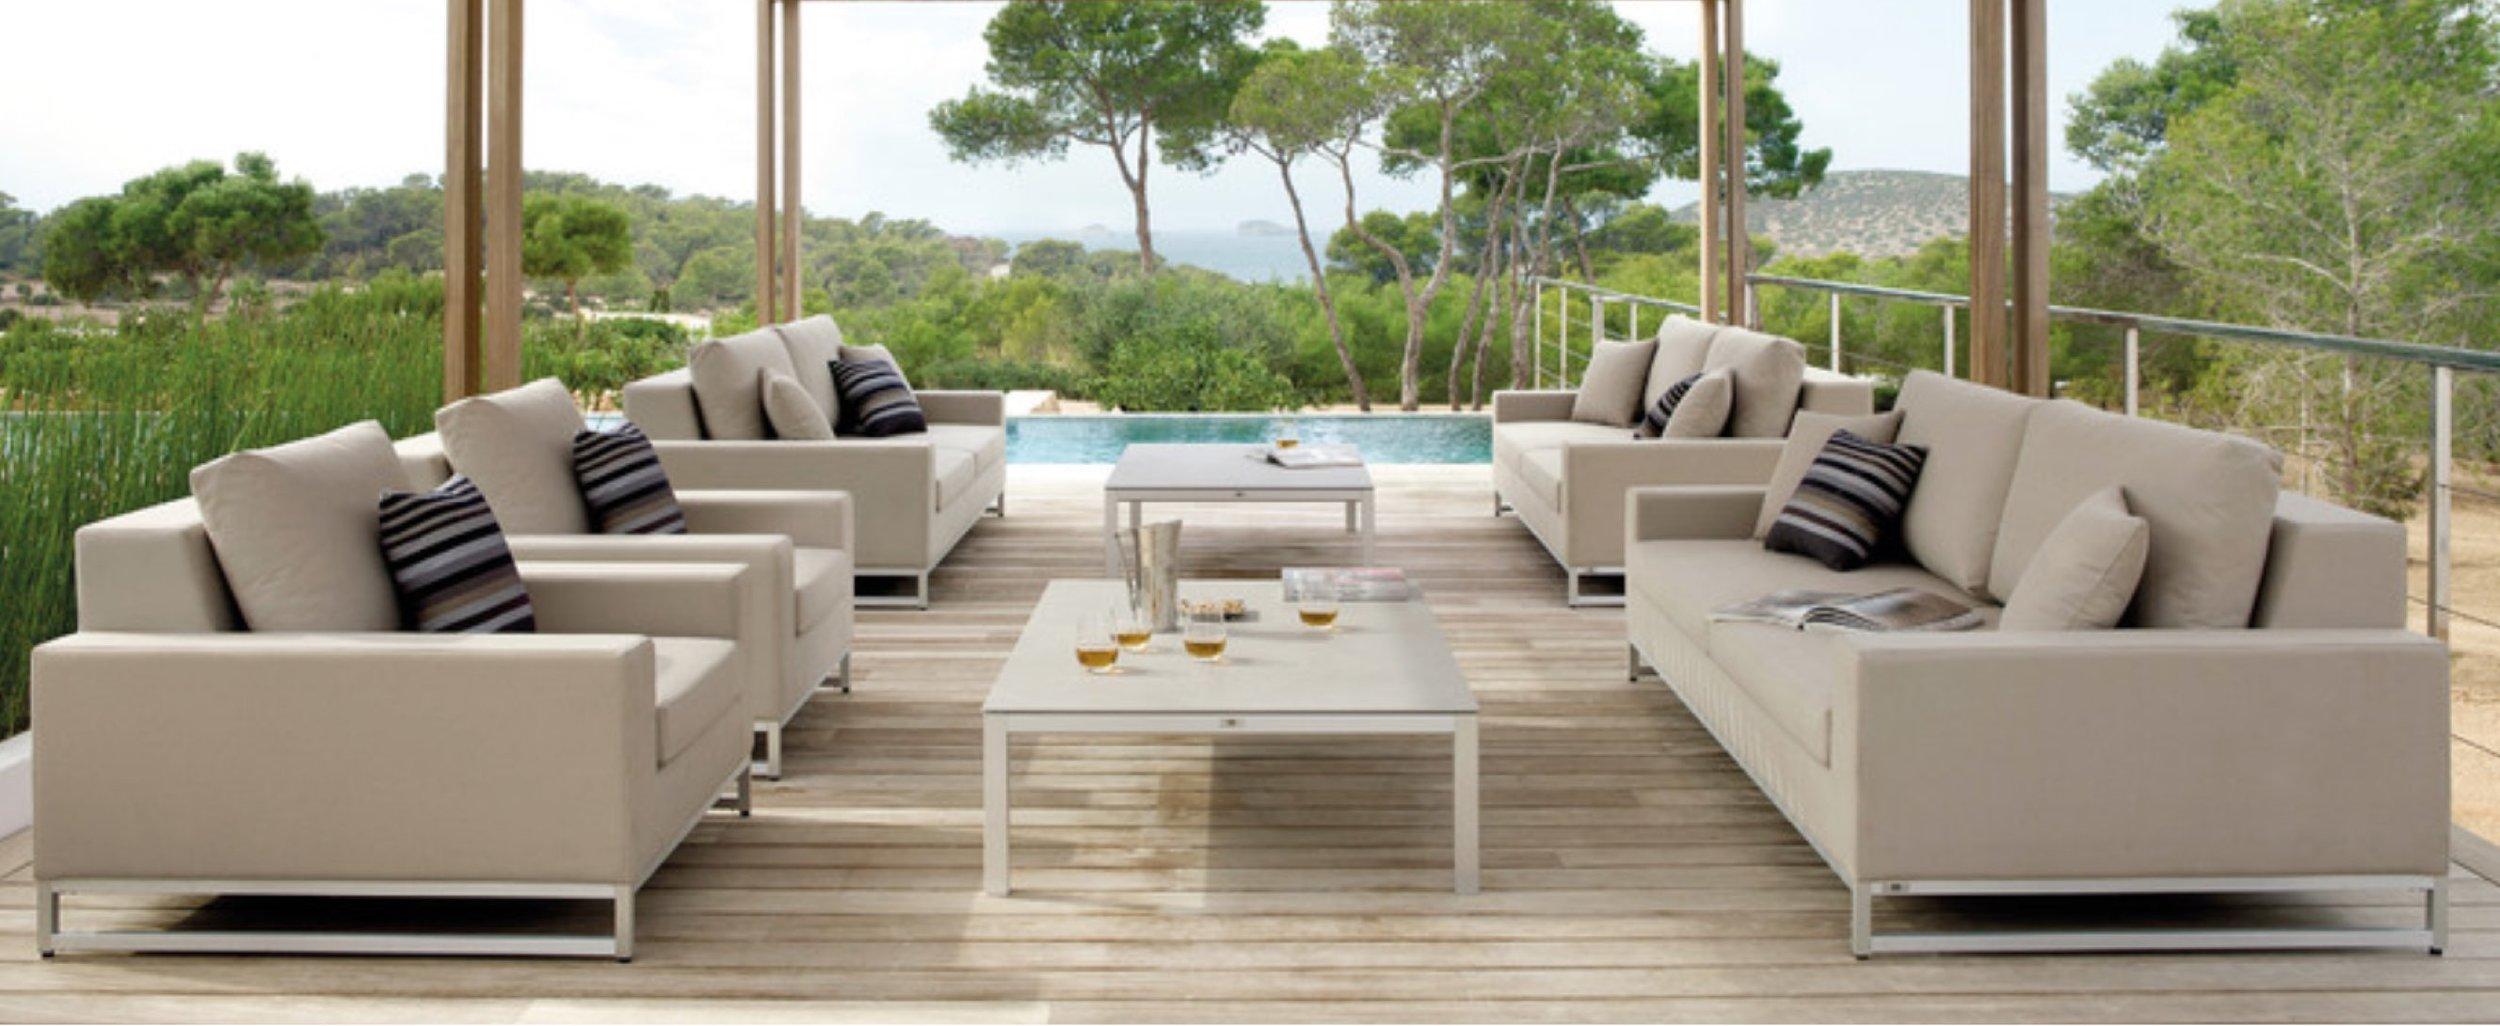 30 Best Luxury Deck Ideas & Remodeling Photos | Houzz.jpg